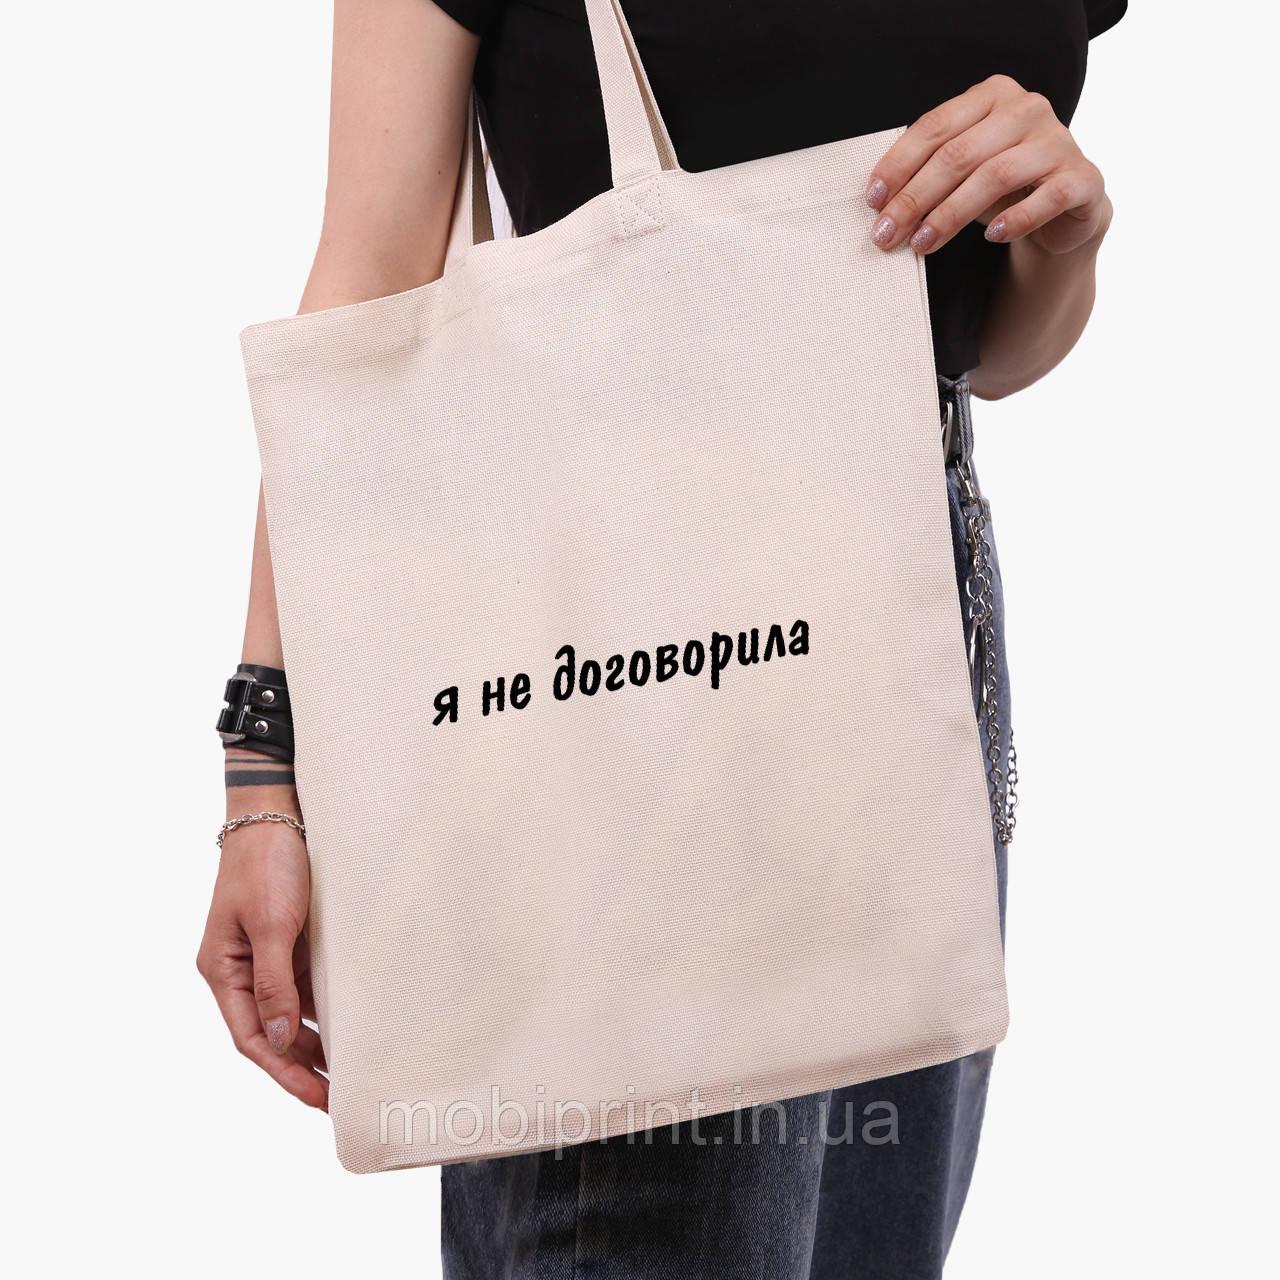 Эко сумка шоппер Я не договорила (I didn't finish) (9227-1283)  экосумка шопер 41*35 см